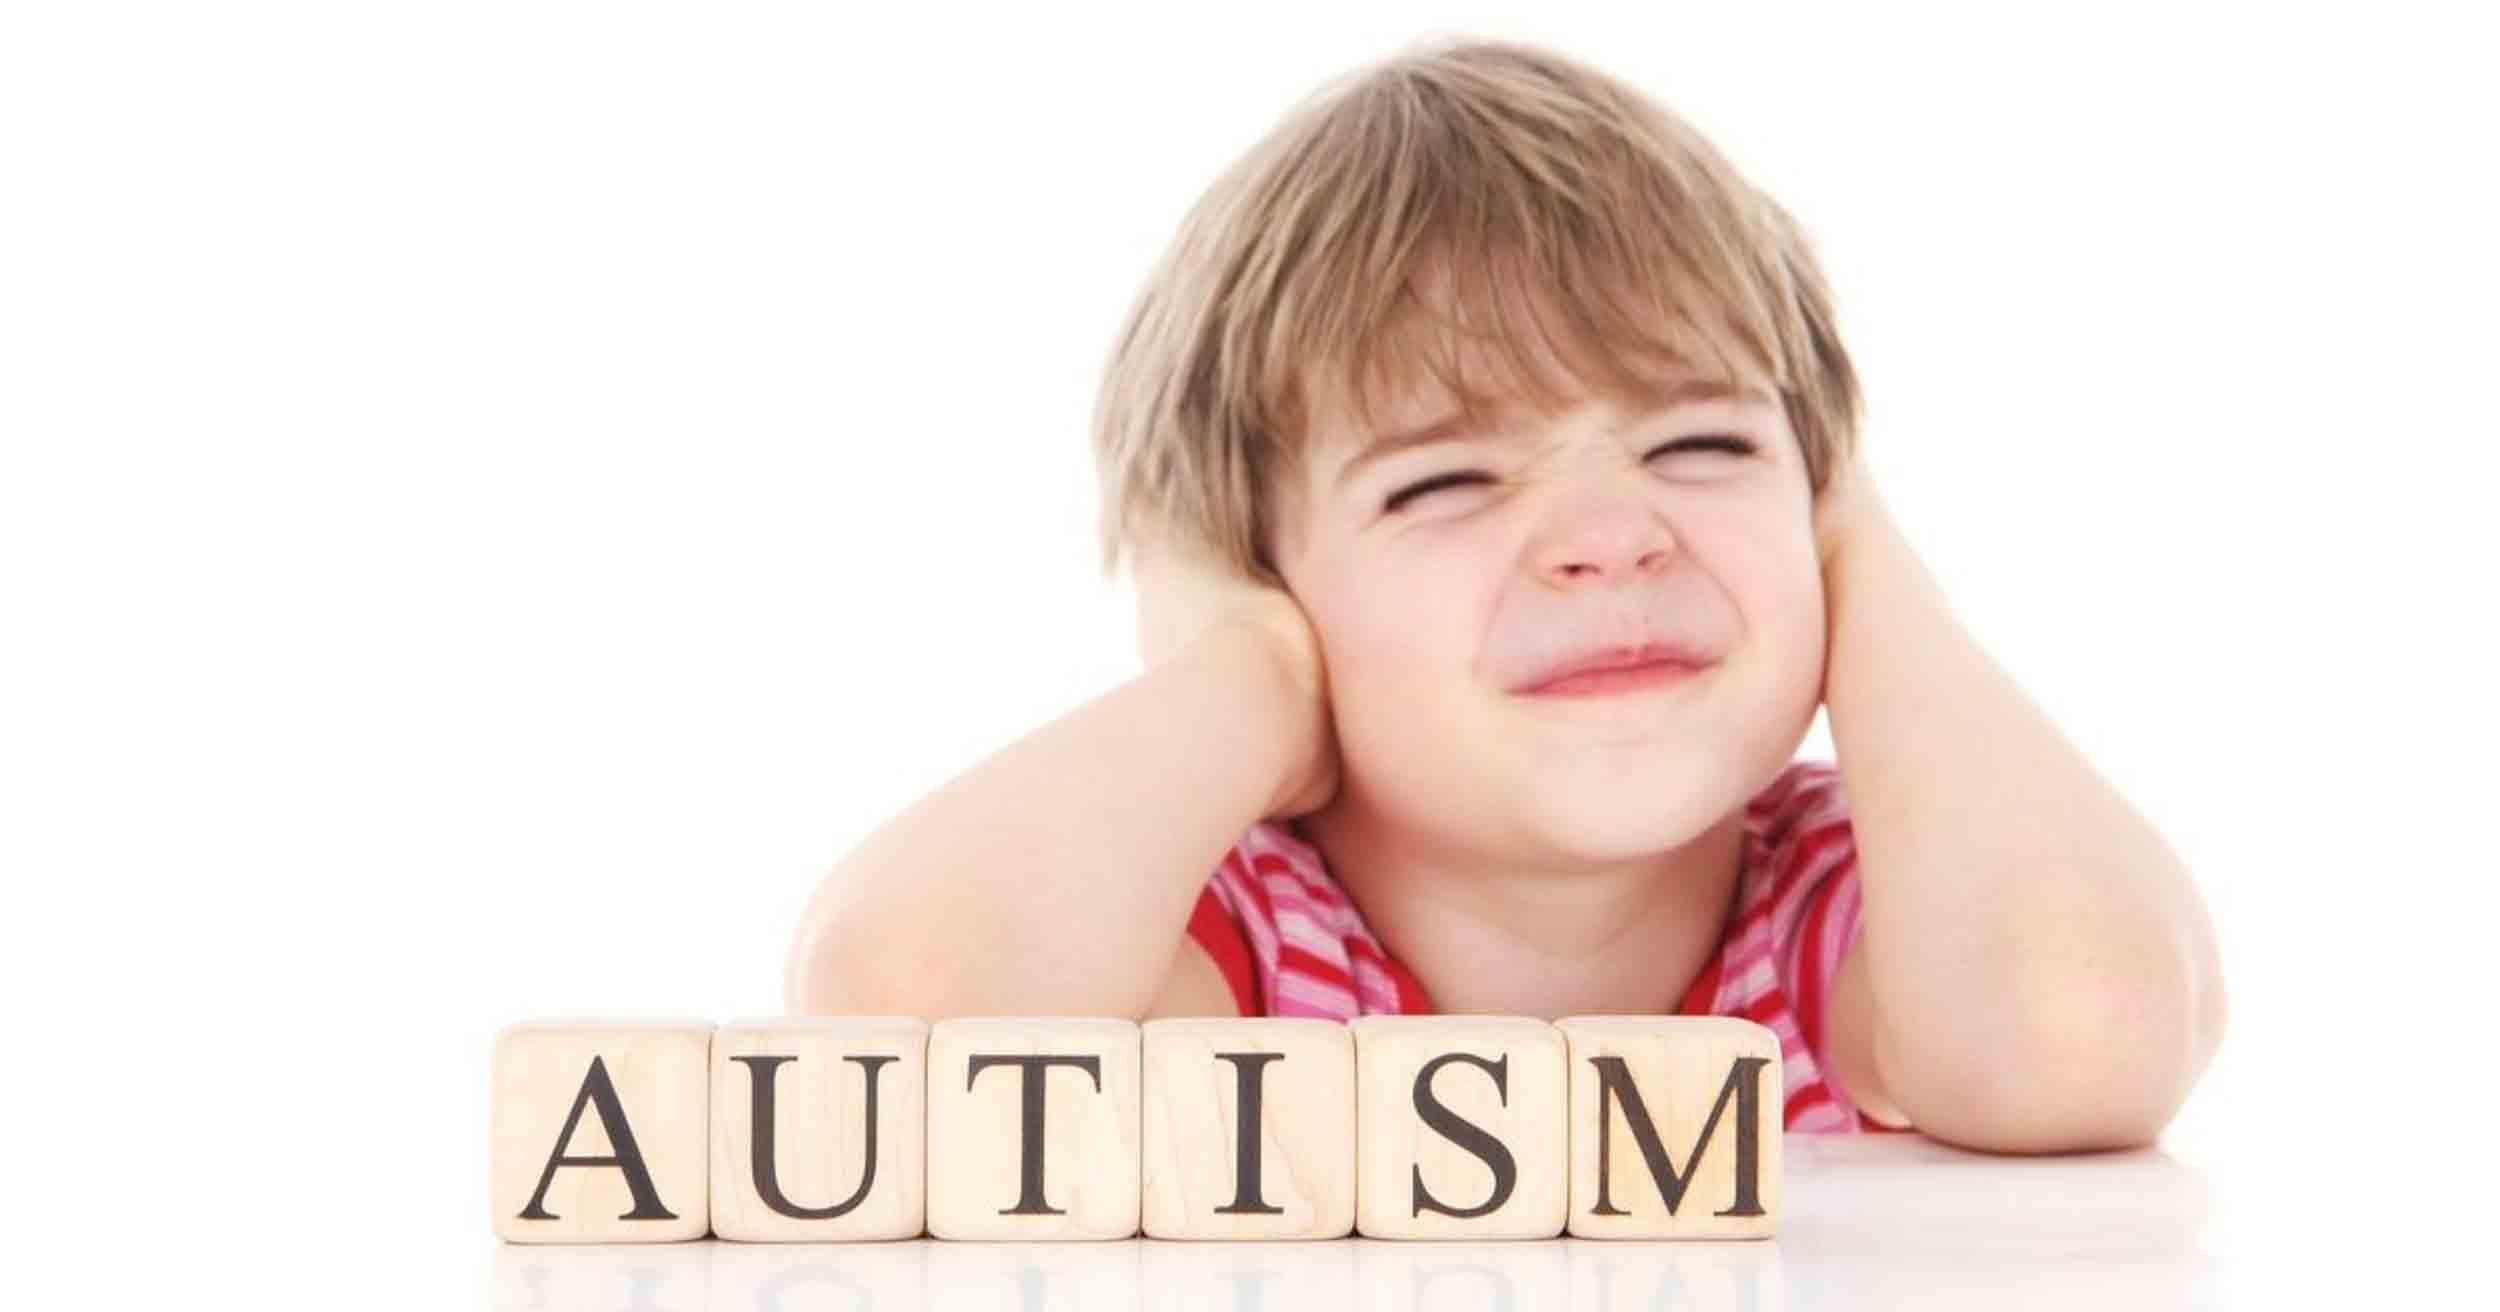 اوتیسم در کودکان   مرکز خدمات پرستاری پارسیان مهرپرور